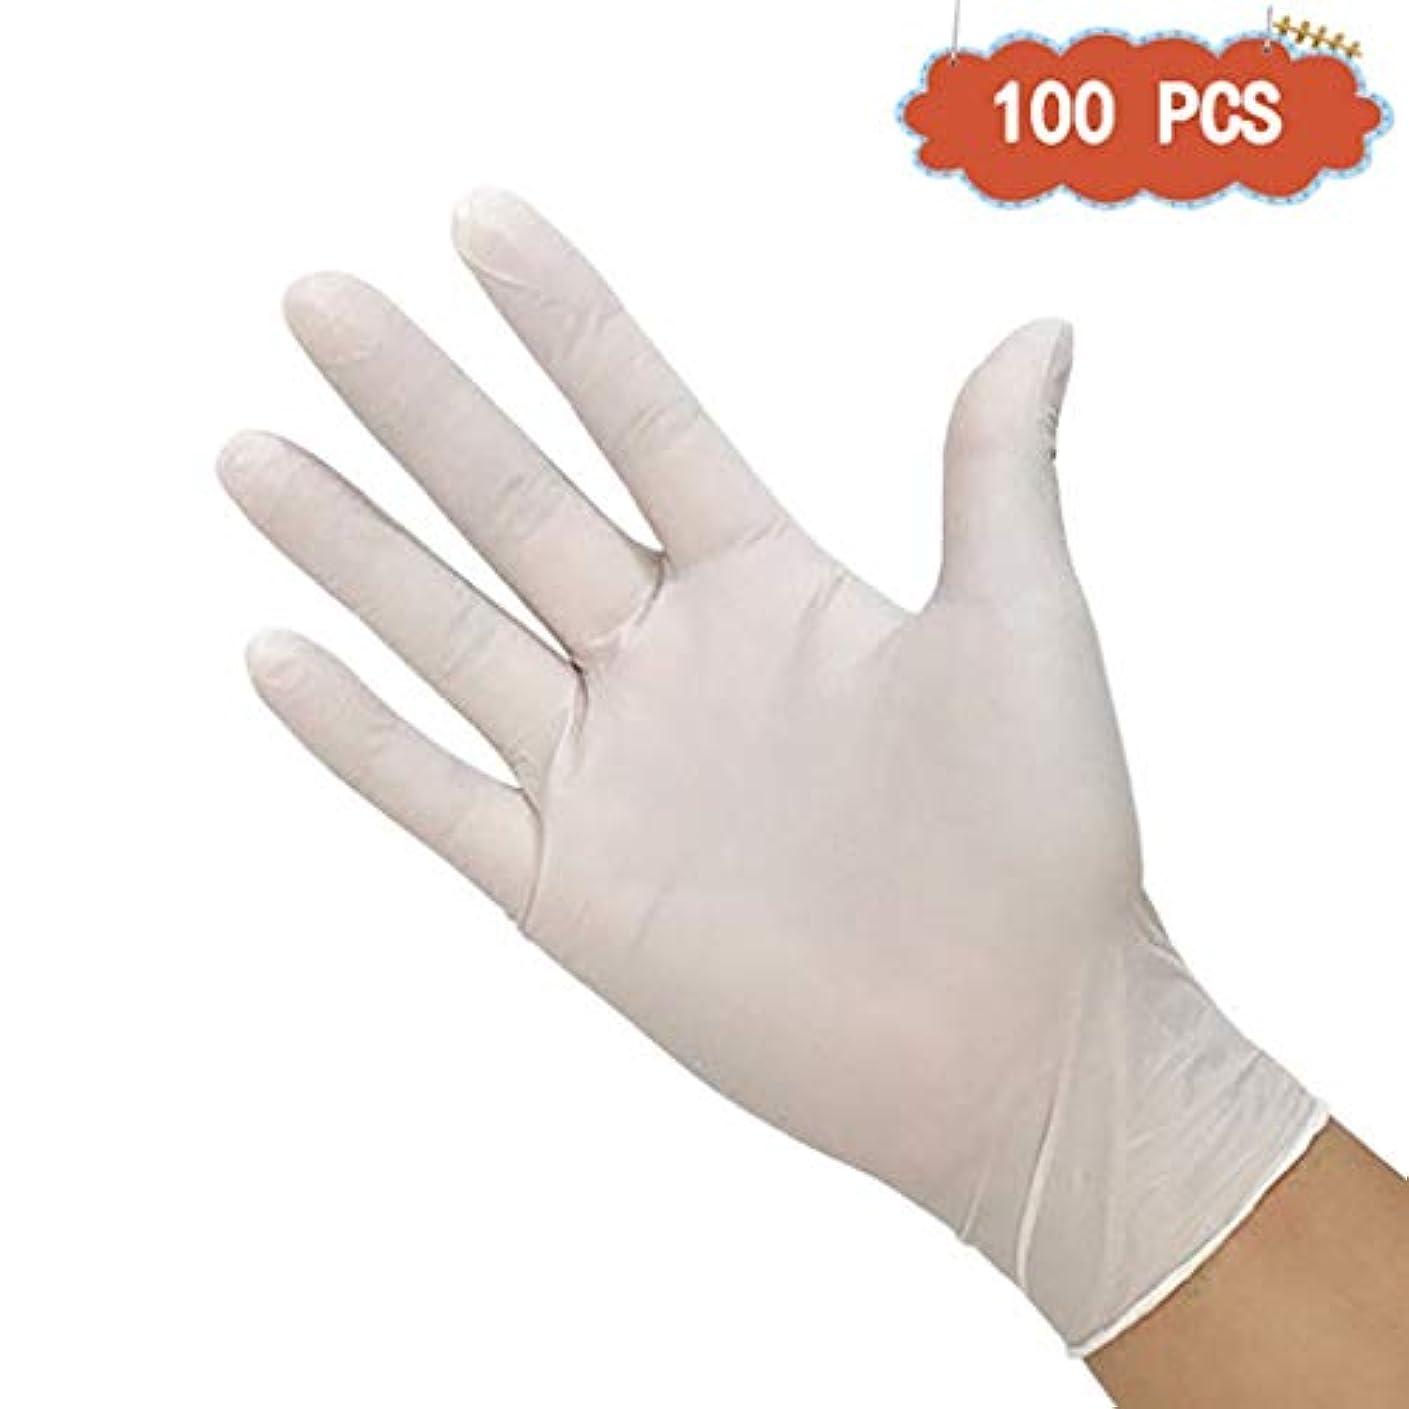 ニトリルホームクリーニングと酸とアルカリ使い捨て手袋ペットケアネイルアート検査保護実験、ビューティーサロンラテックスフリー、パウダーフリー、両手利き、100個 (Size : M)